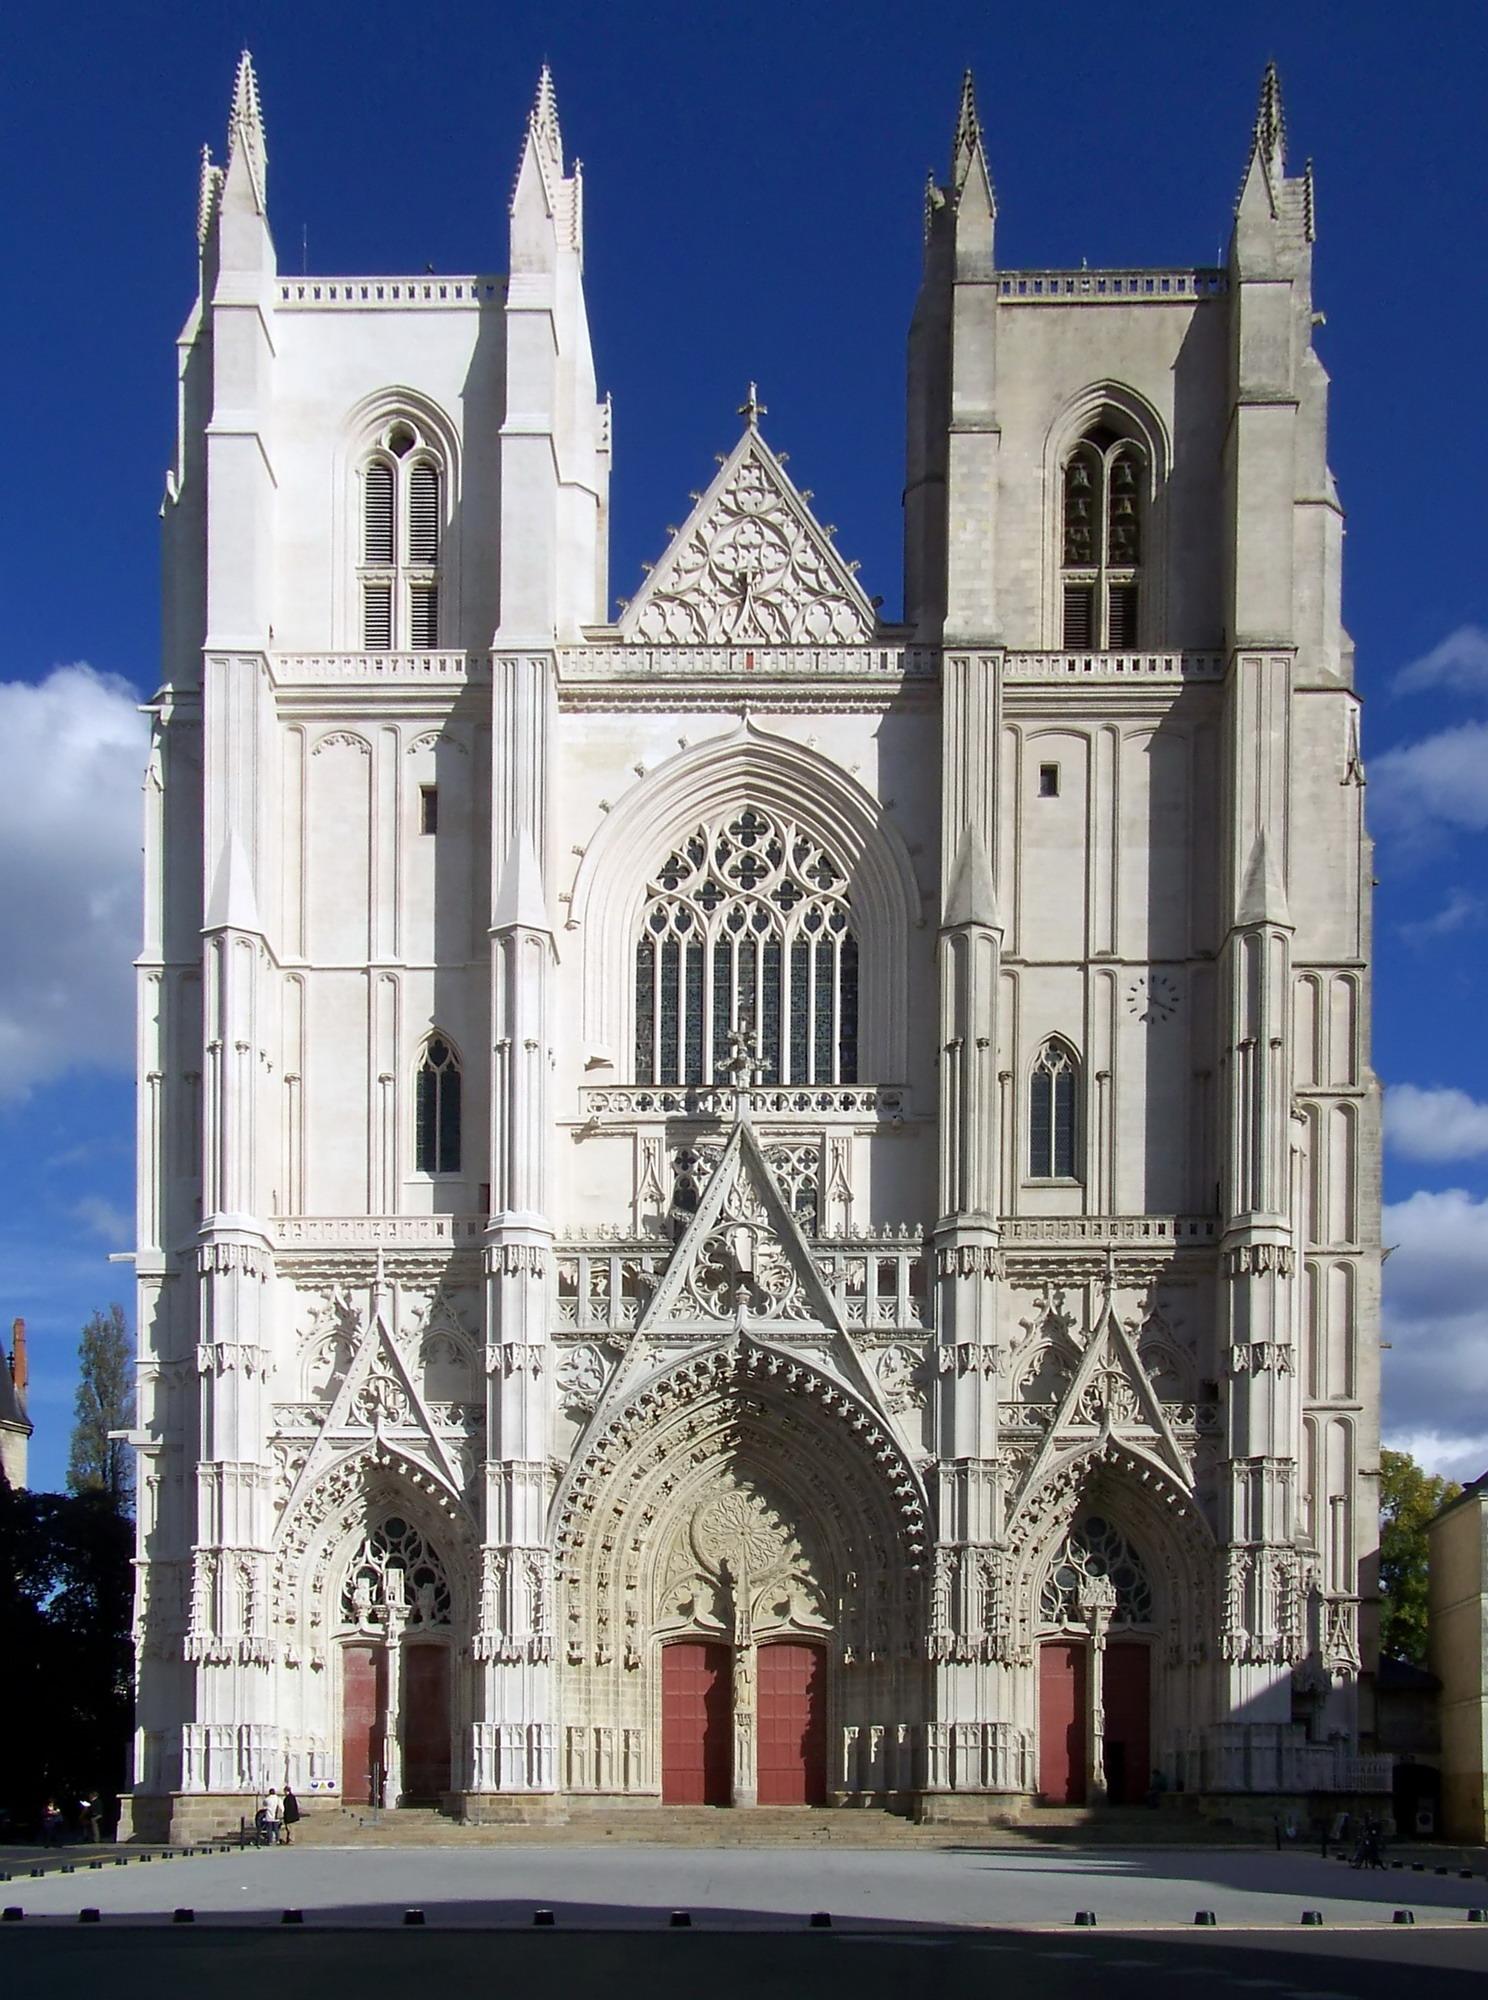 Nantes cathedral photo